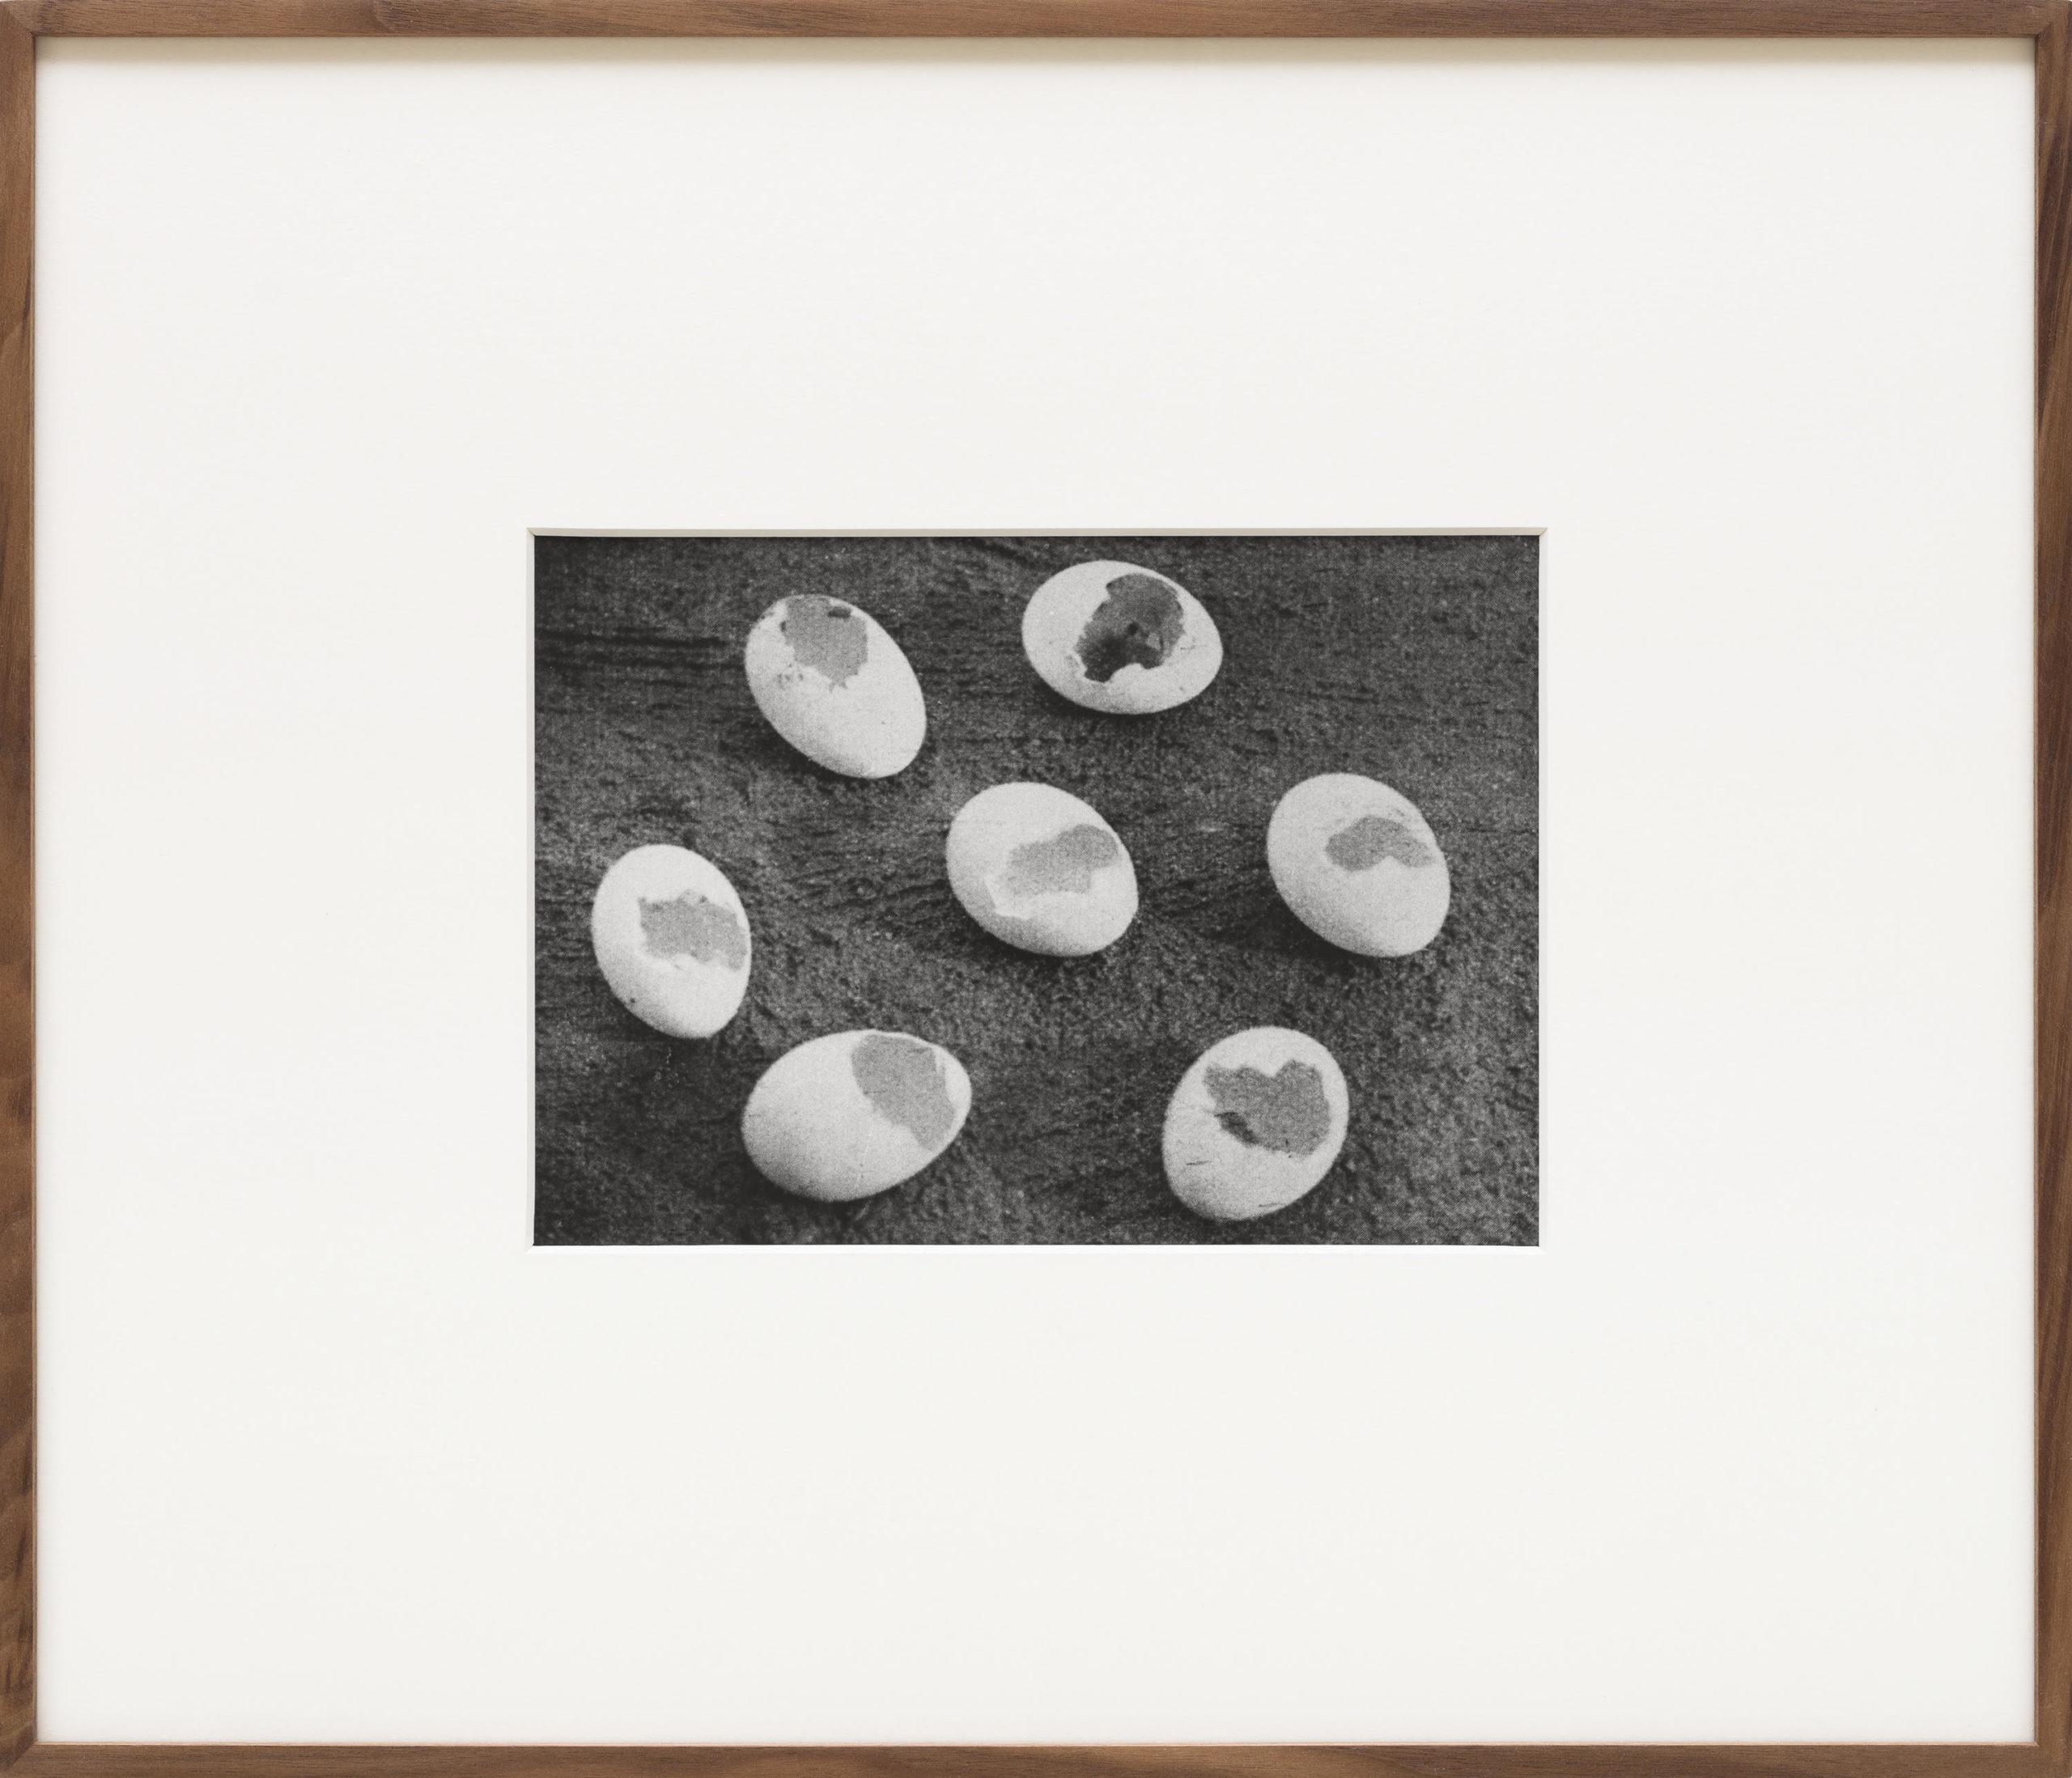 Sette uova appoggiate ad un piano. Lo spazio di Alessandra Spranzi, la sua fotografia